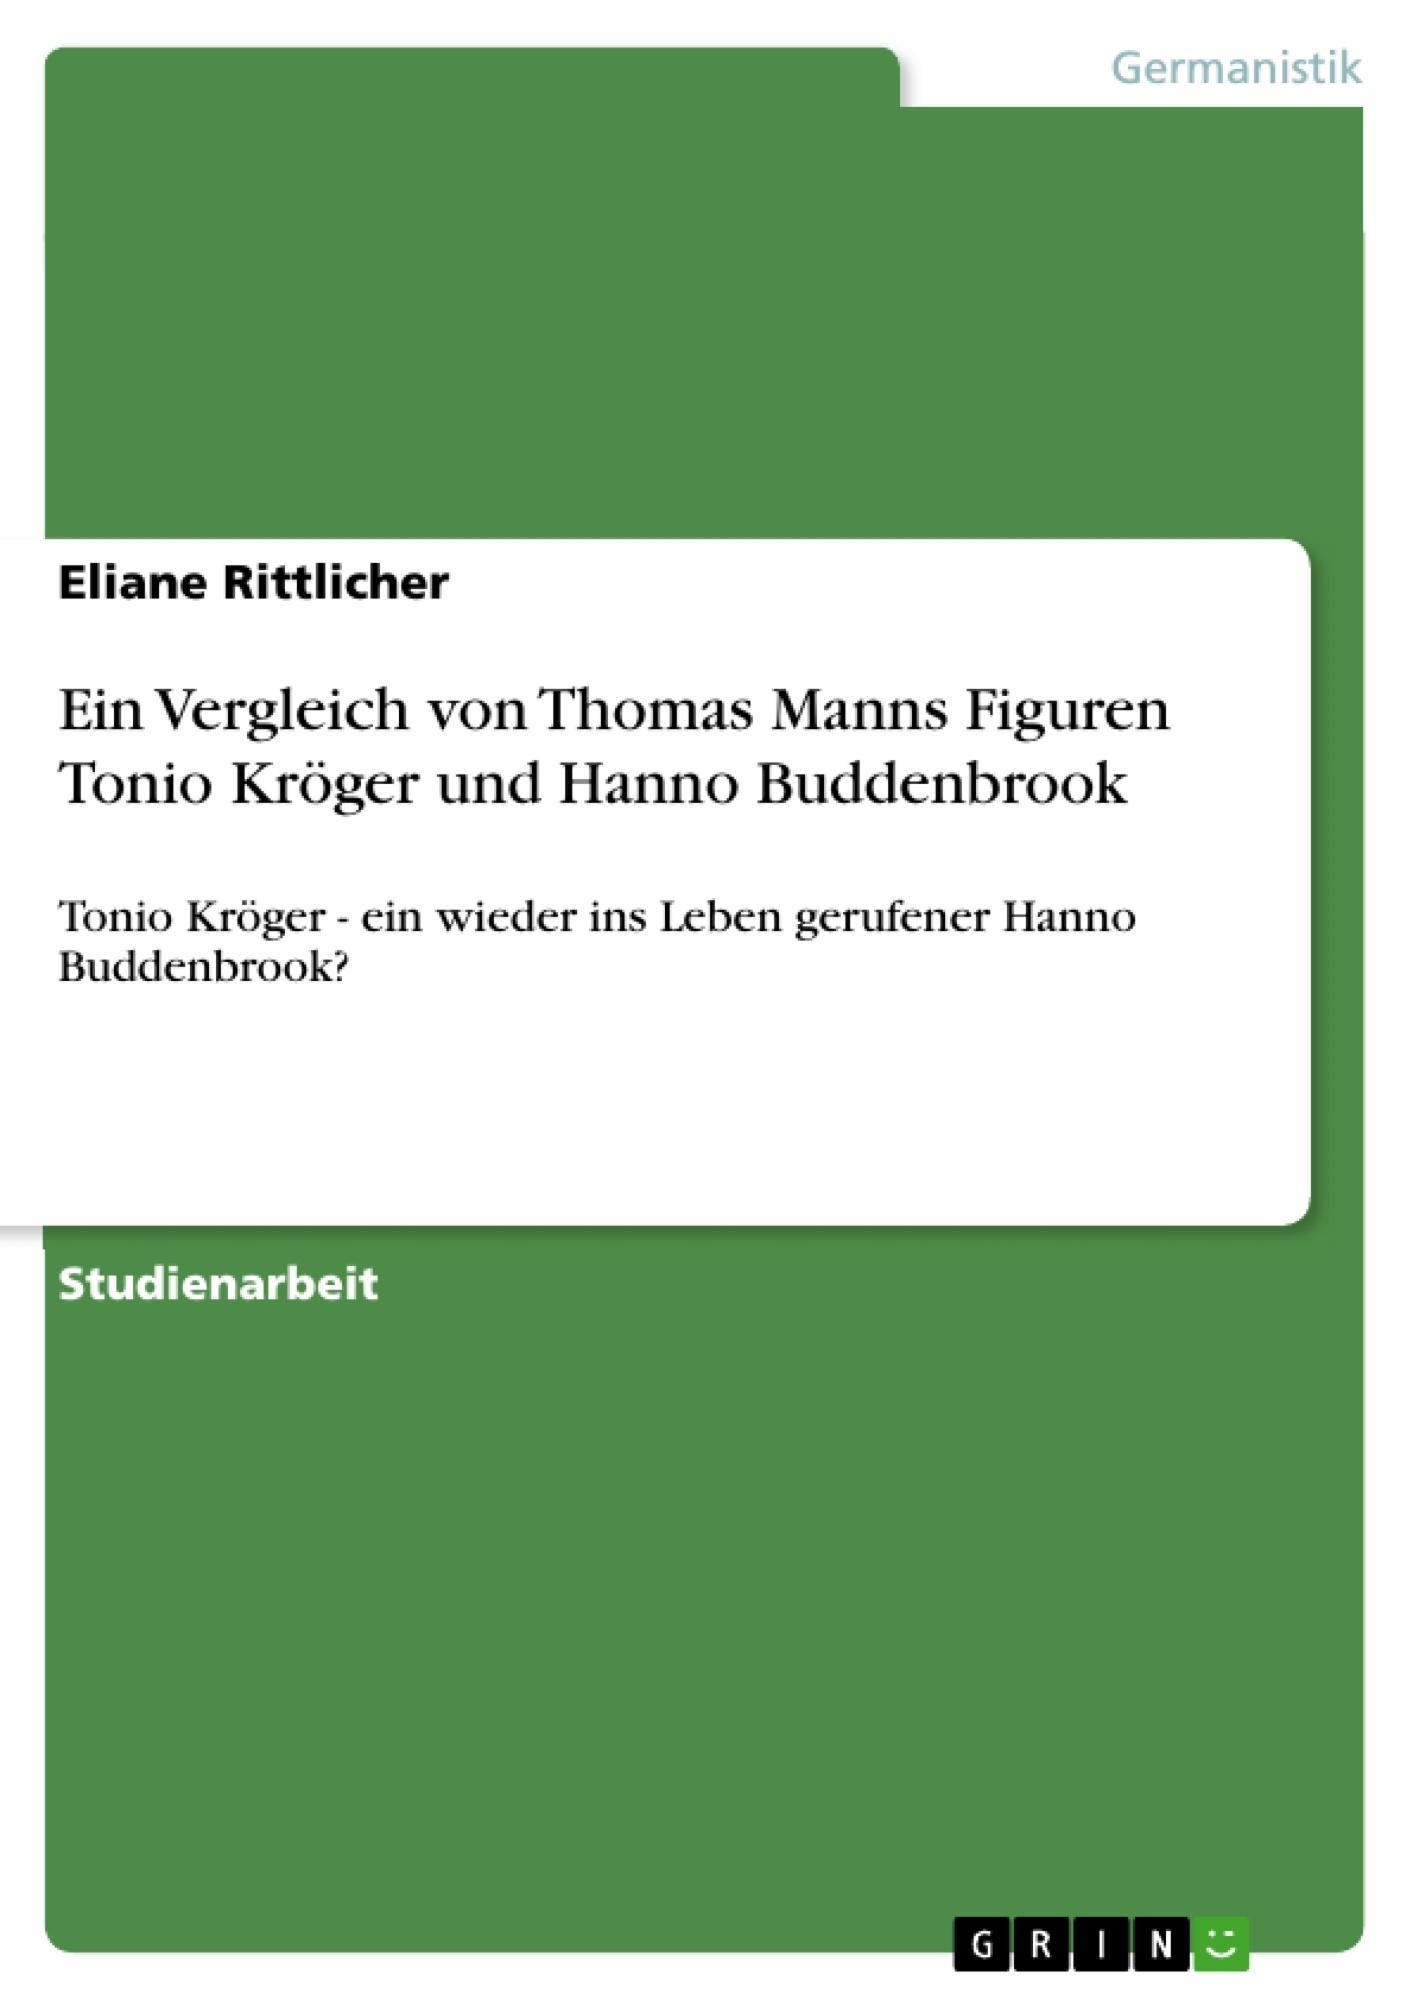 Titel: Ein Vergleich von Thomas Manns Figuren Tonio Kröger und Hanno Buddenbrook